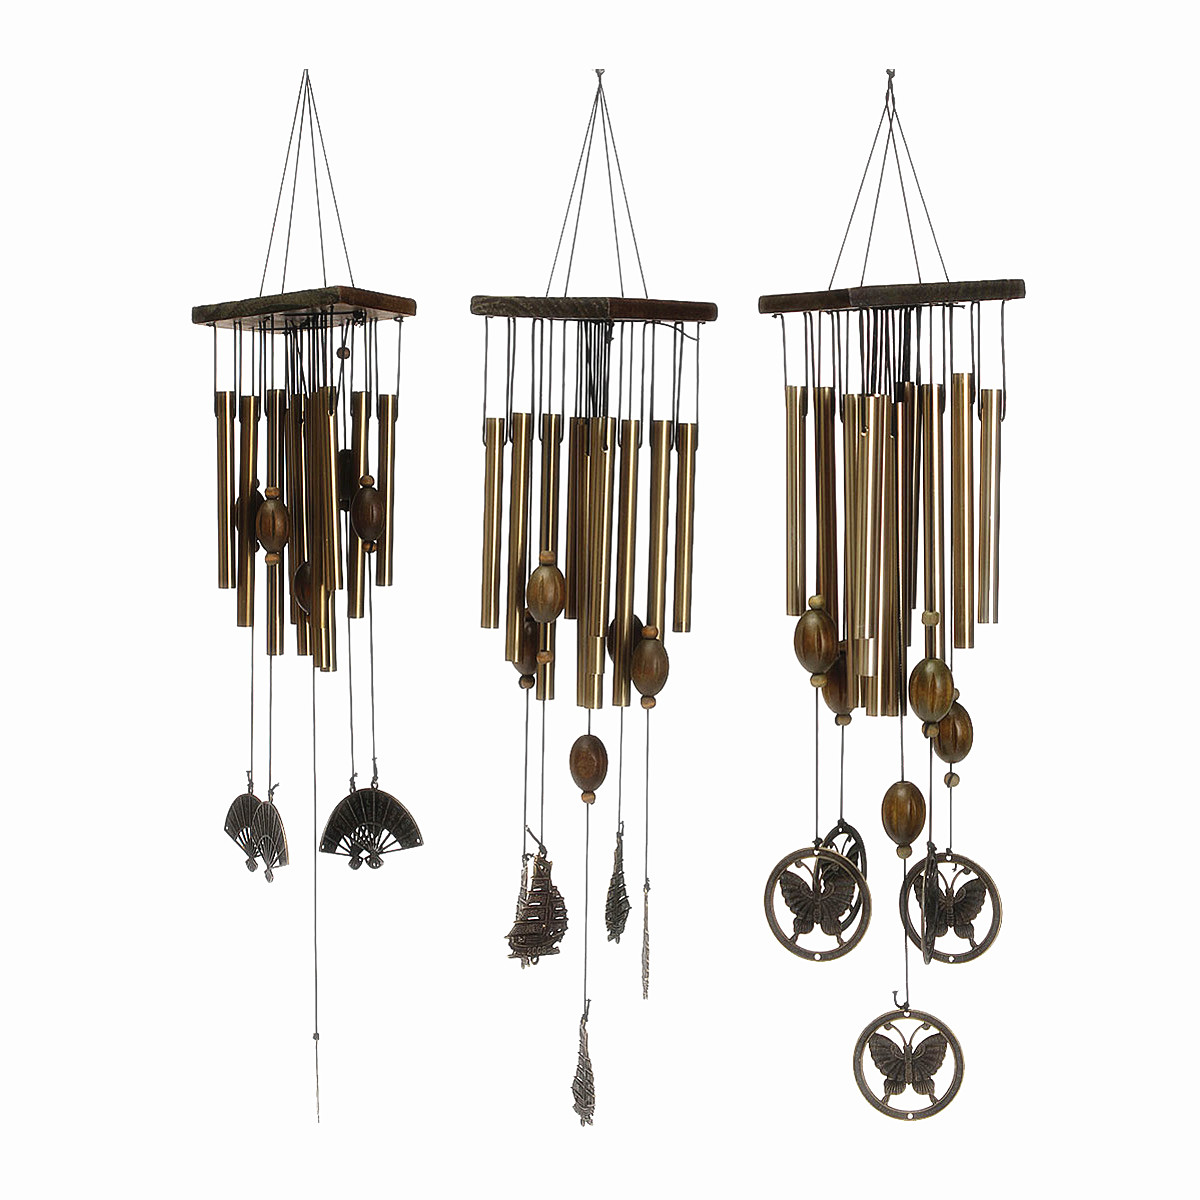 23 39 39 bronze 8 tubes metal bells wind chimes windchim. Black Bedroom Furniture Sets. Home Design Ideas